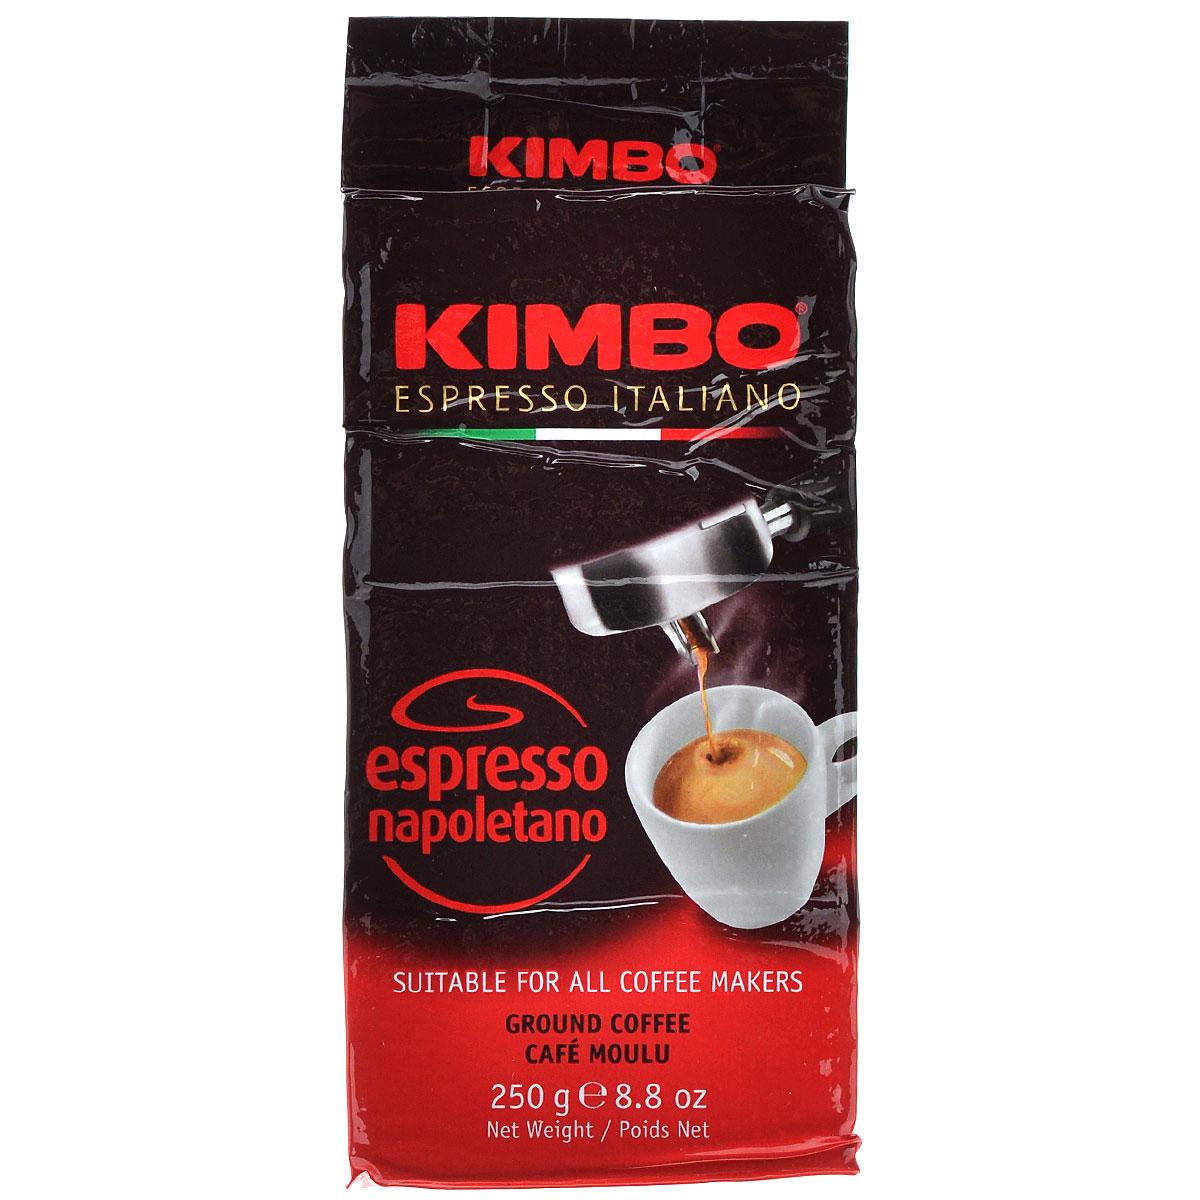 Kimbo Espresso Napoletano кофе молотый, 250 г (в/у)5014776102047Натуральный жареный молотый кофе Kimbo Espresso Napoletano с интенсивным вкусом и богатым ароматом. Традиционная неаполитанская обжарка характеризуется густой пенкой. Идеально подходит для любителей крепкого эспрессо. Состав смеси: 90% арабика, 10% робуста.